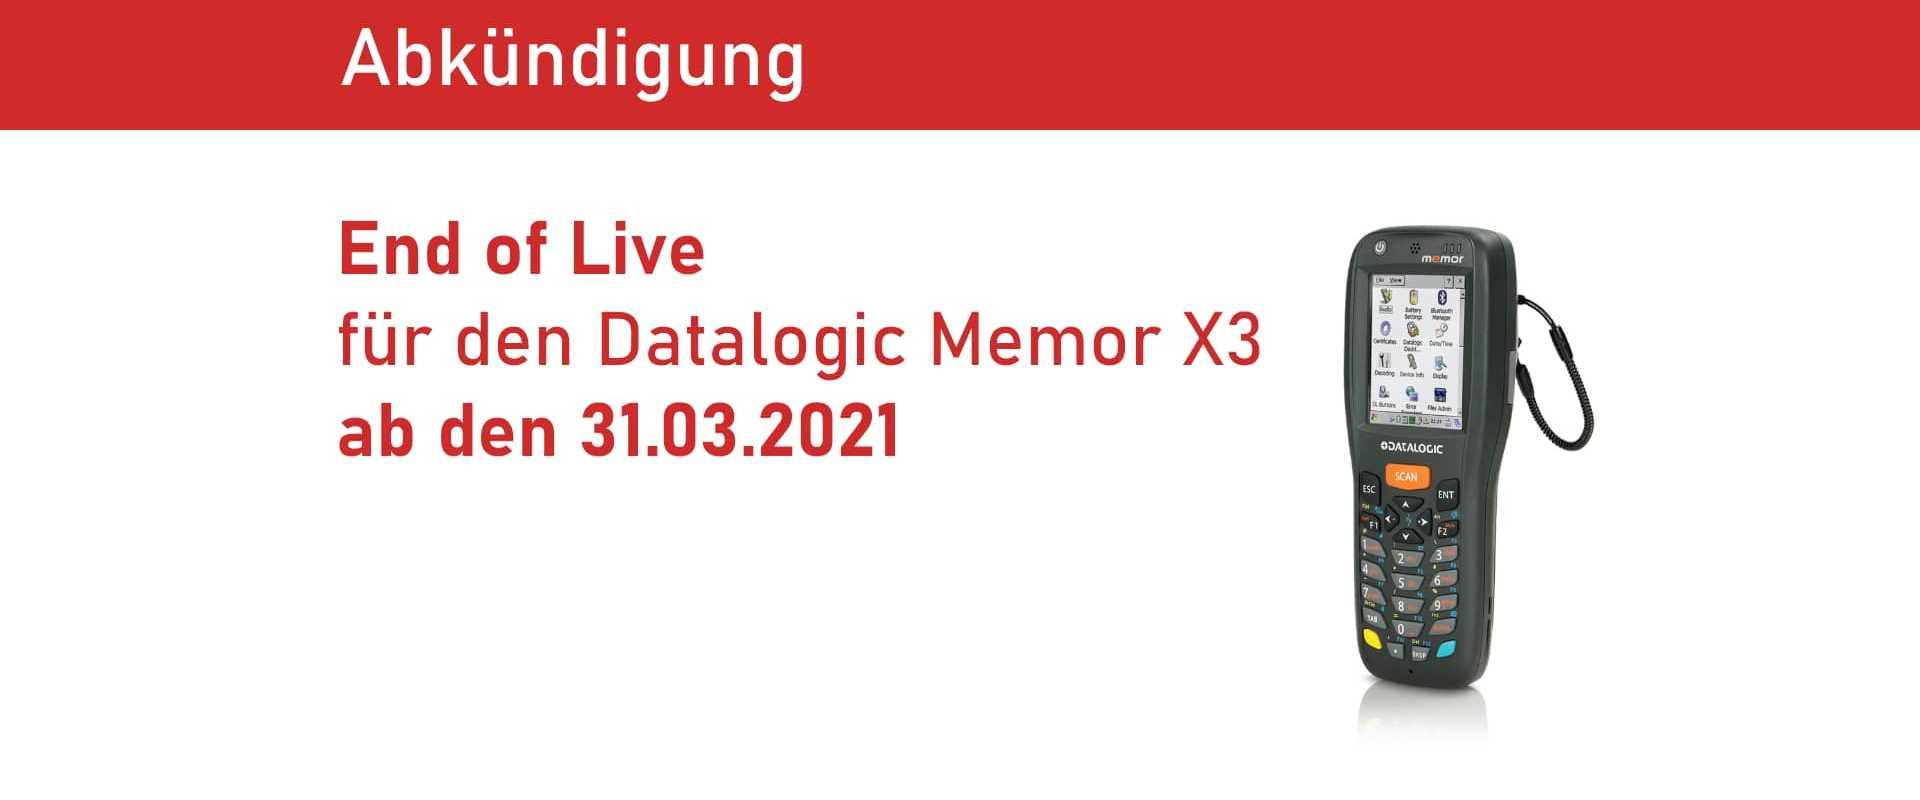 End of Live für den Datalogic Memor X3